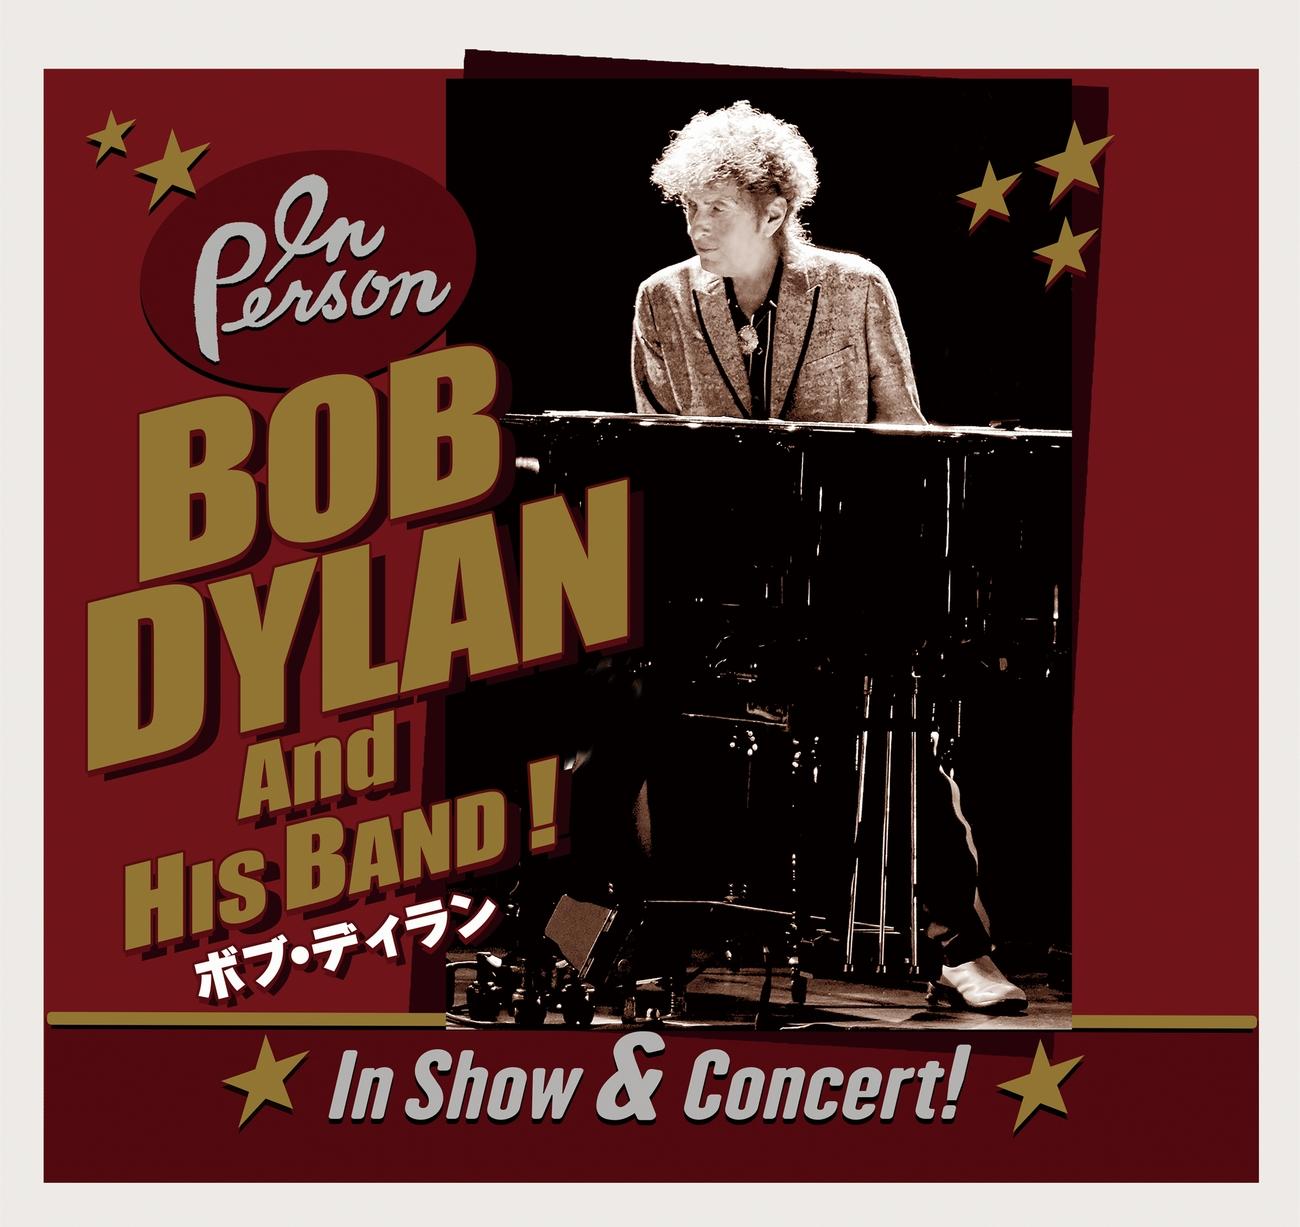 【公演中止】BOB DYLAN